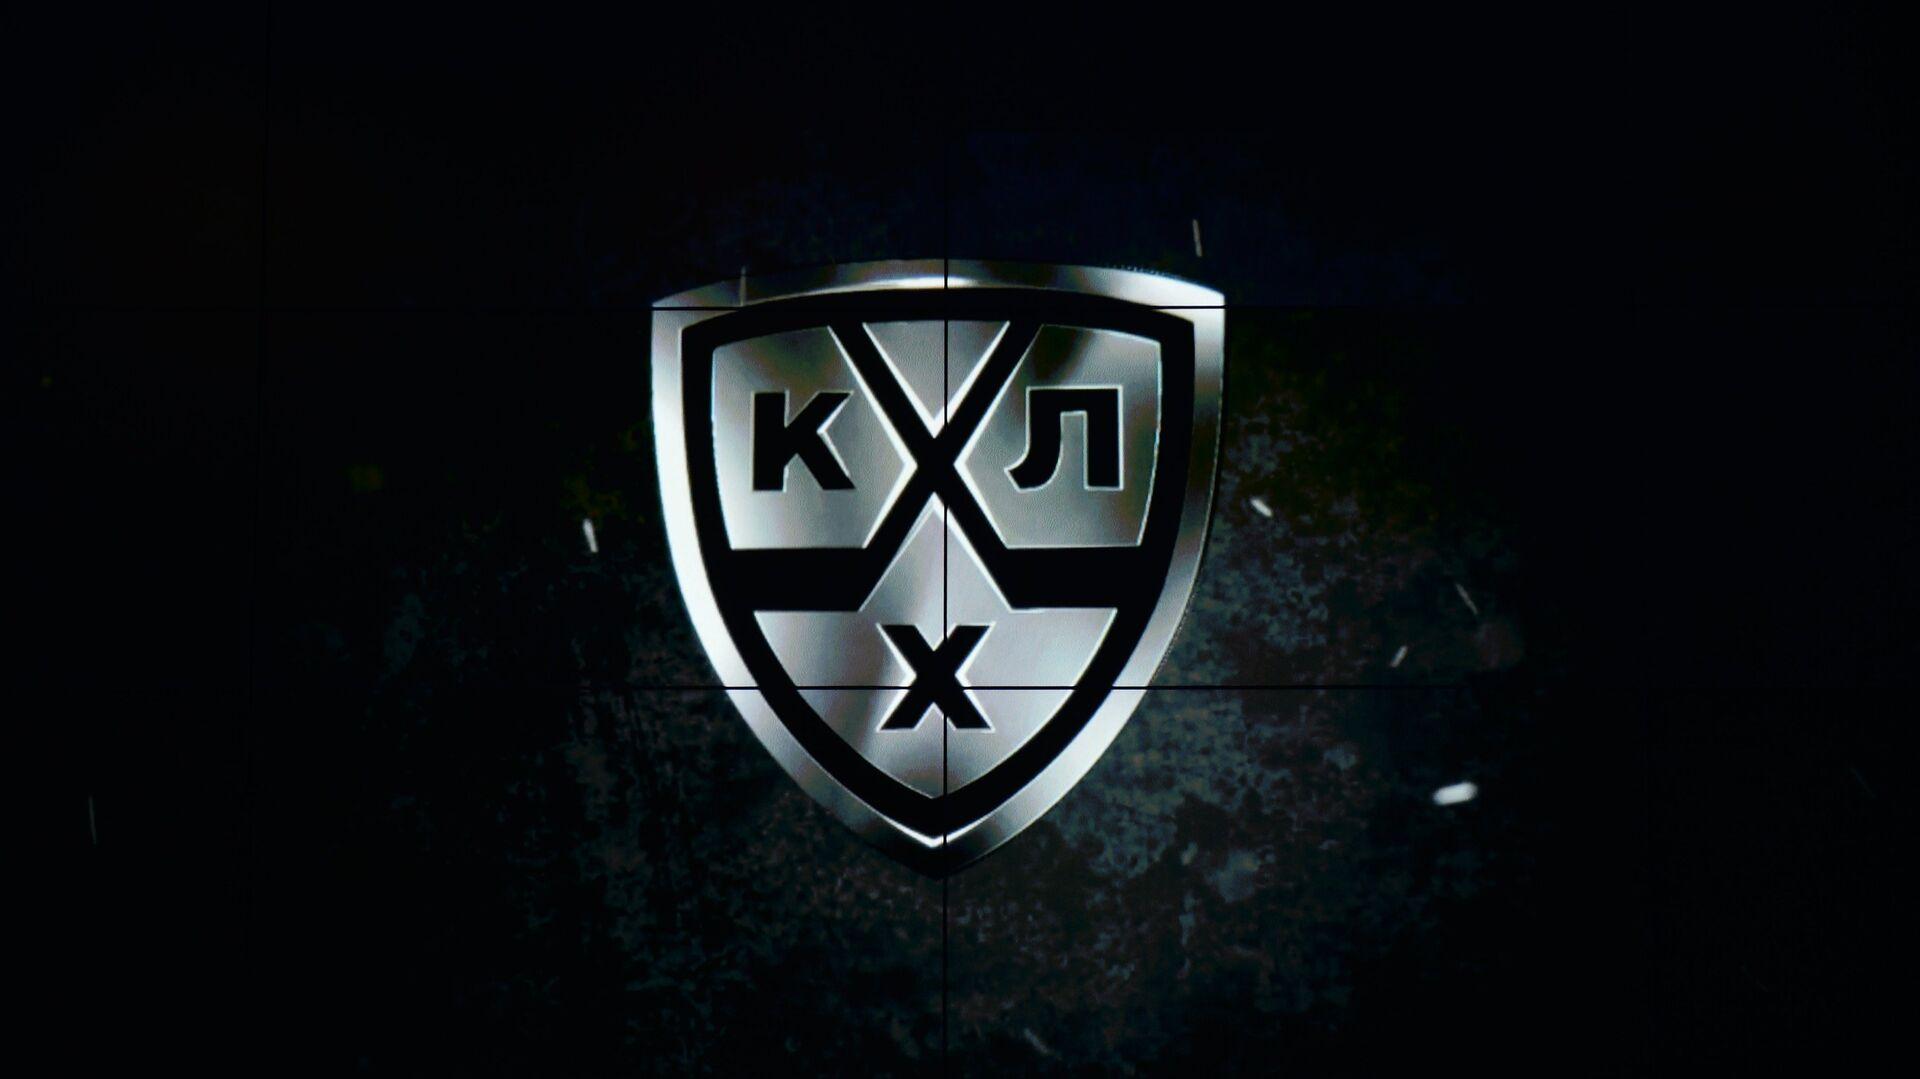 Логотип Континентальной хоккейной лиги (КХЛ) - РИА Новости, 1920, 23.02.2021